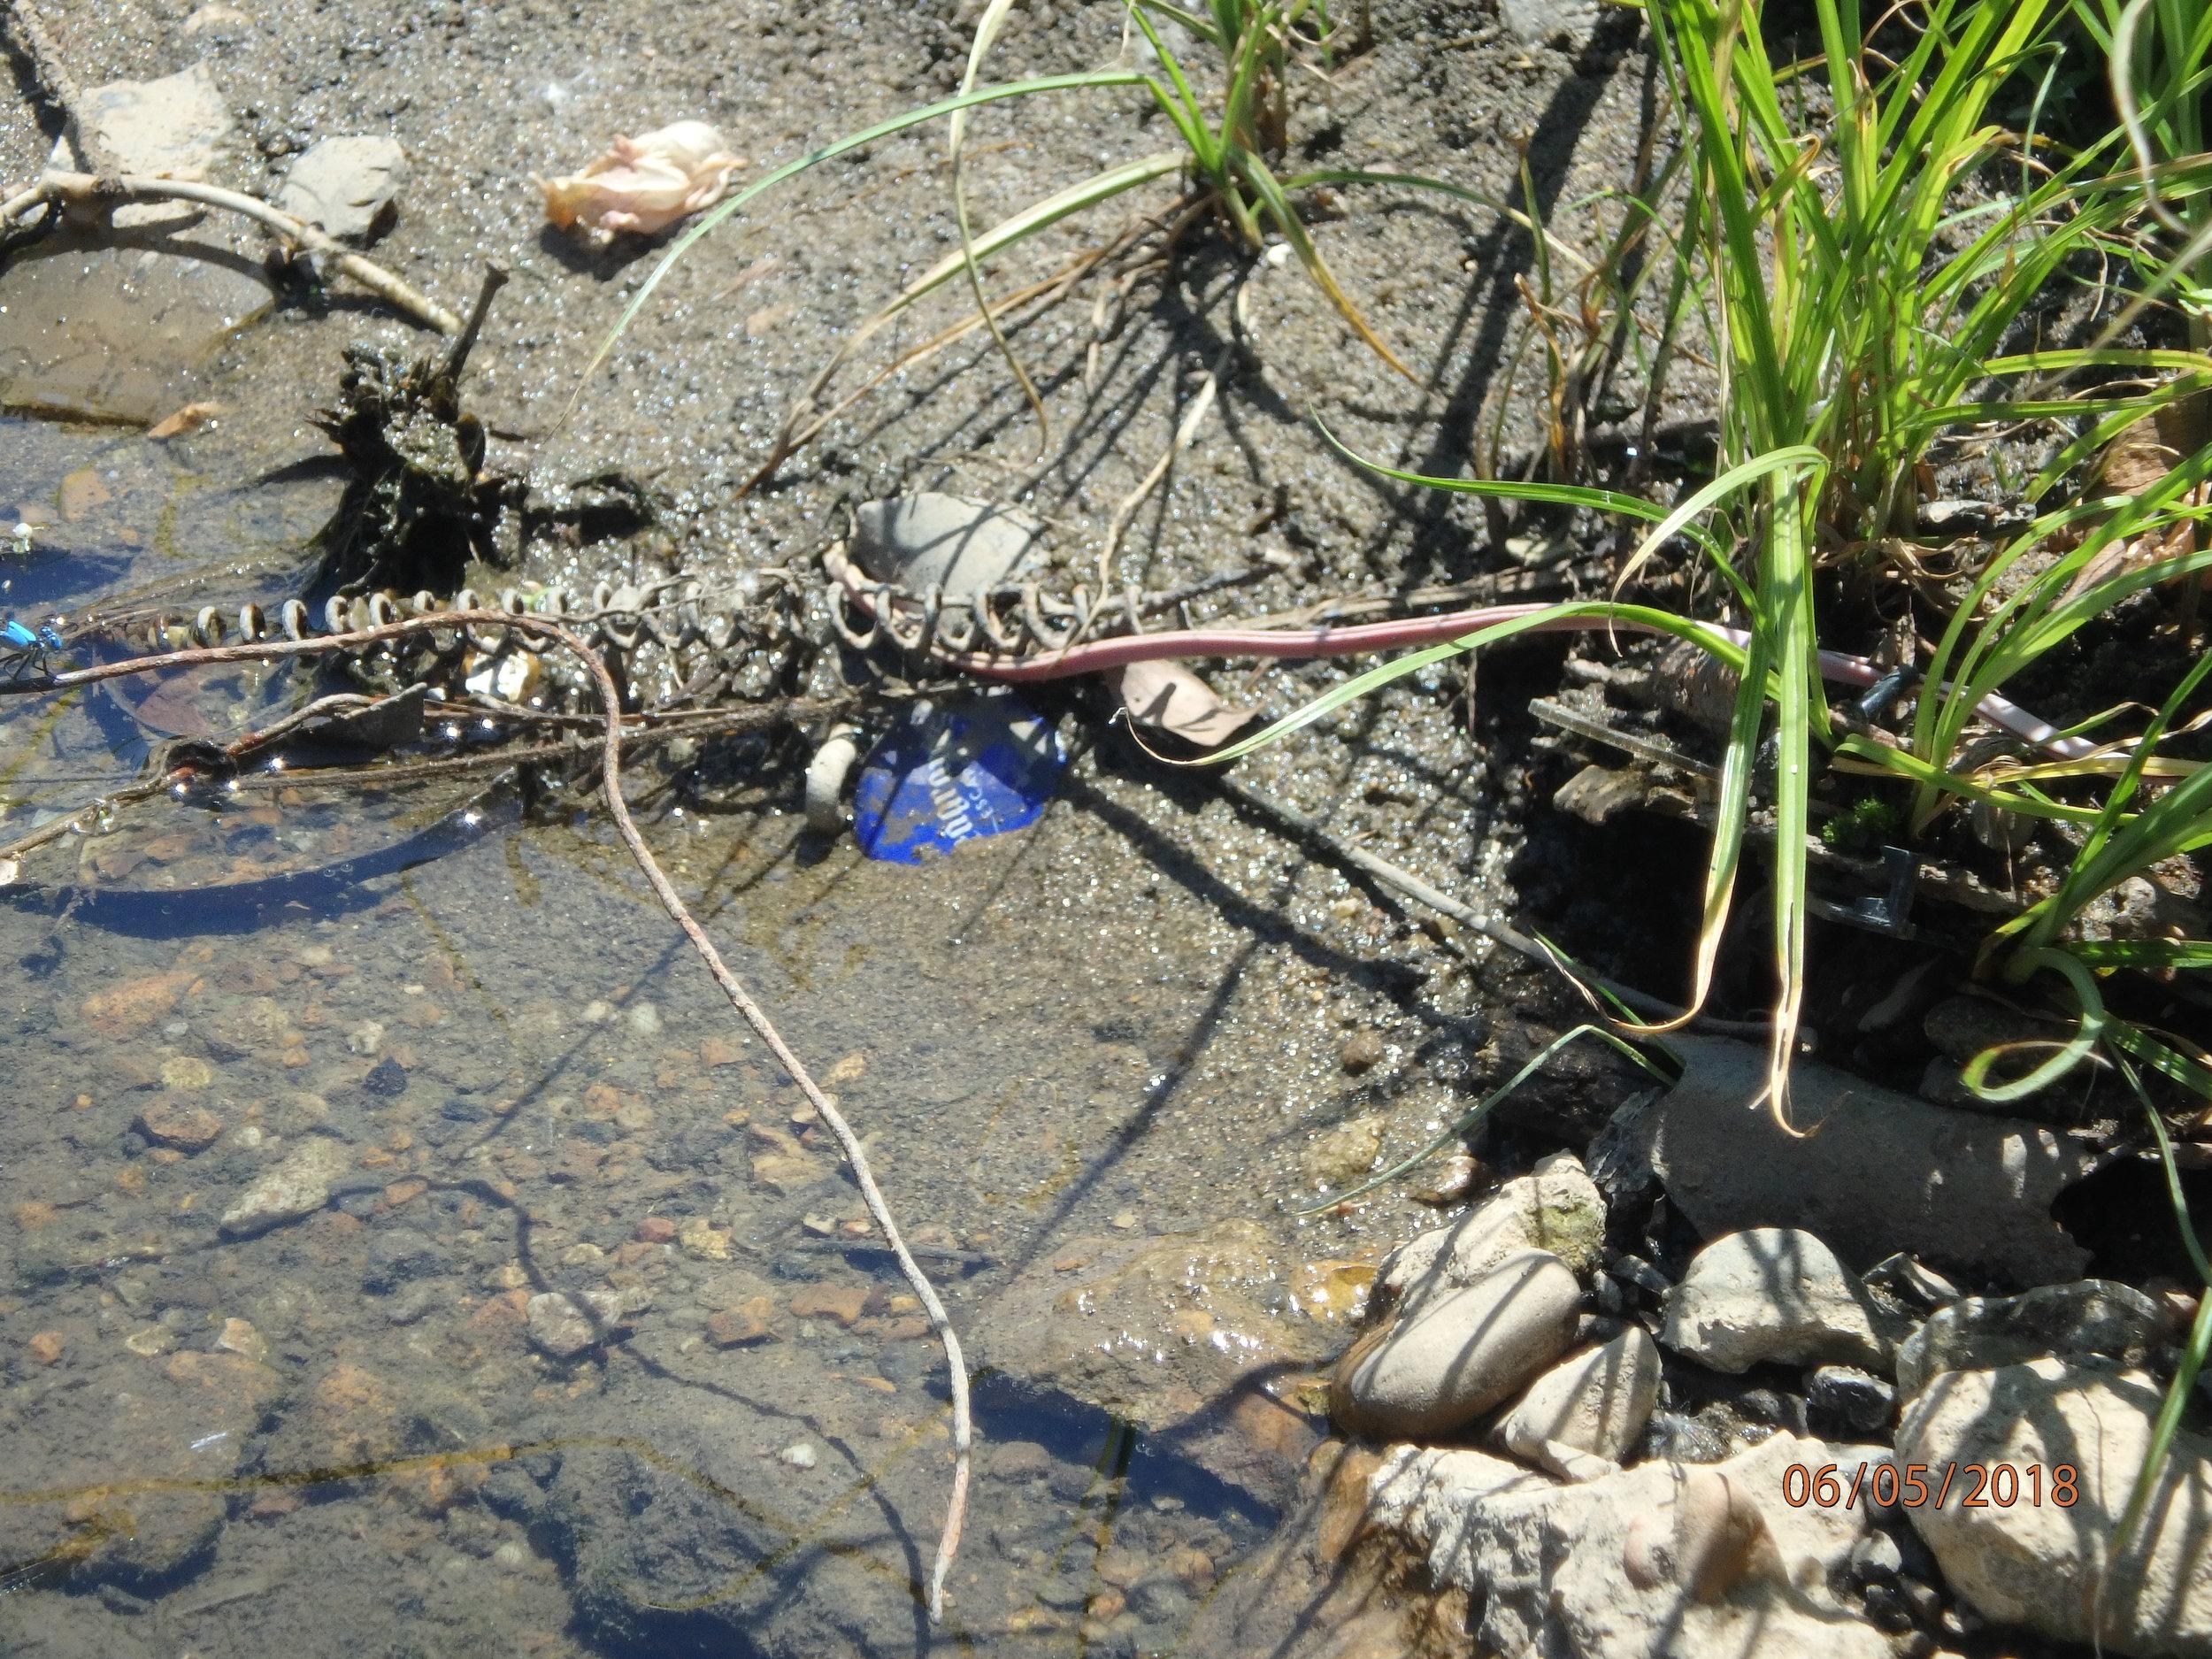 2018 Day 2, Group 1 : Cypress Creek Sampling